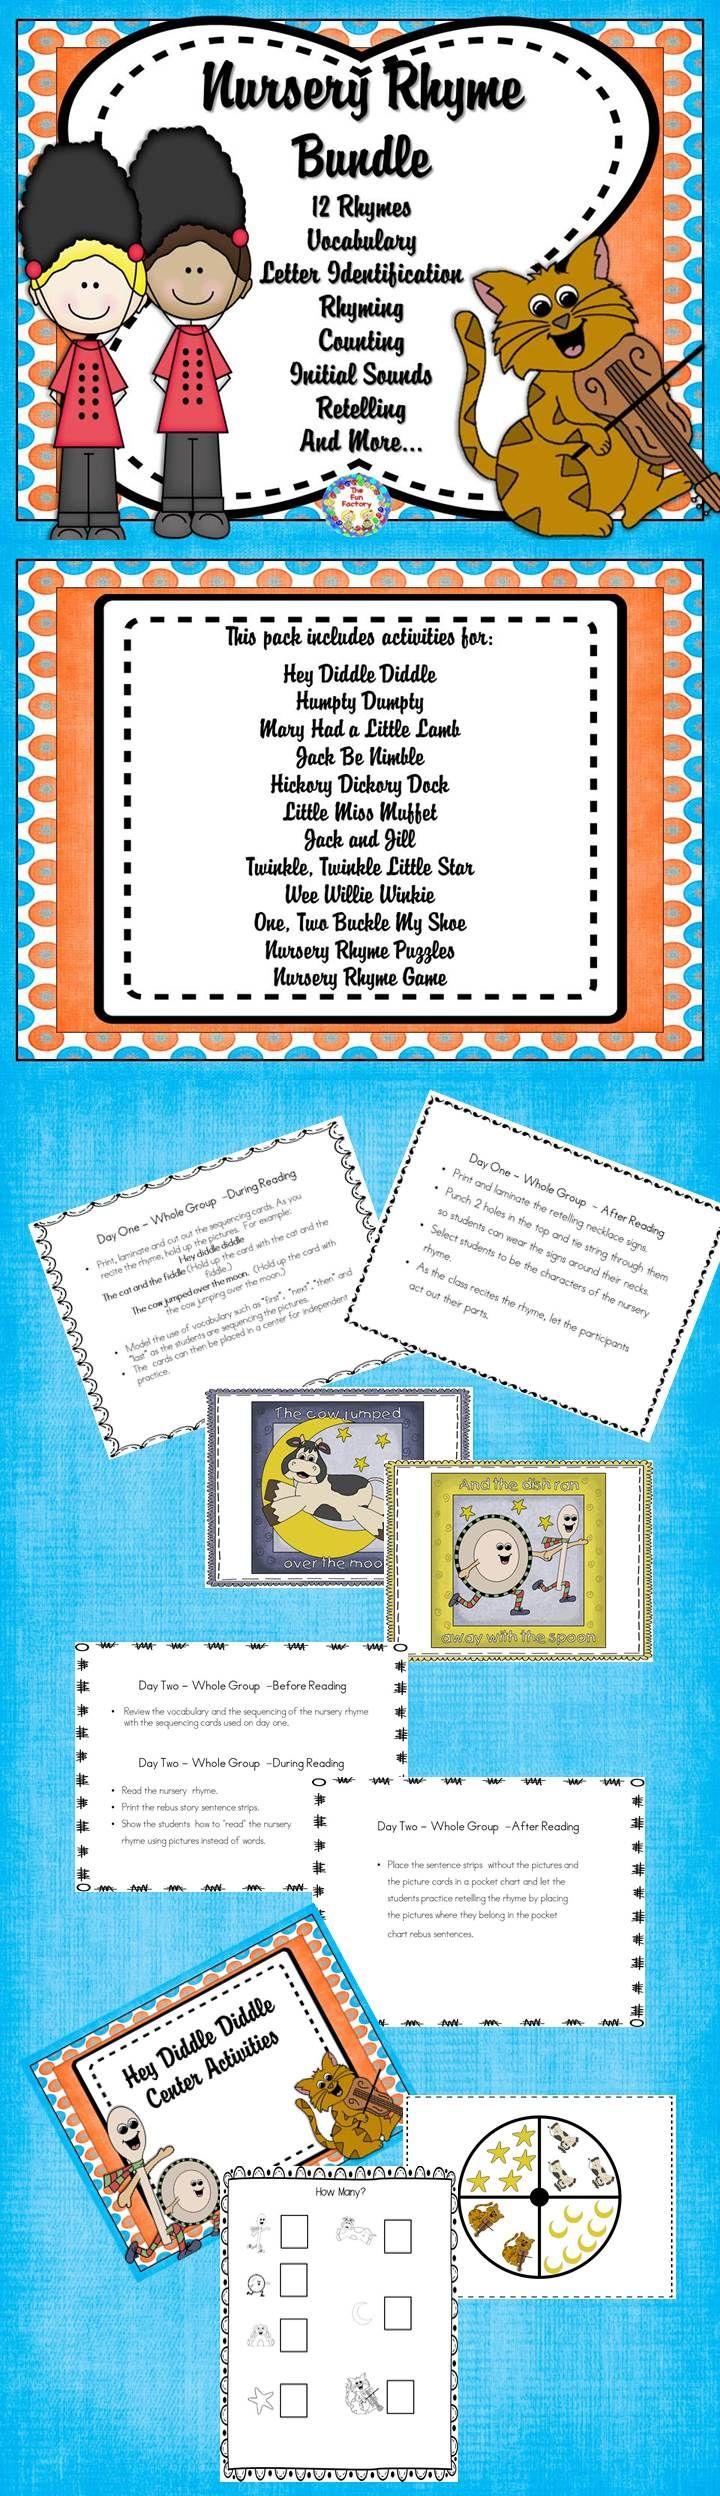 67 best Nursery Rhymes images on Pinterest | Rhyming activities ...